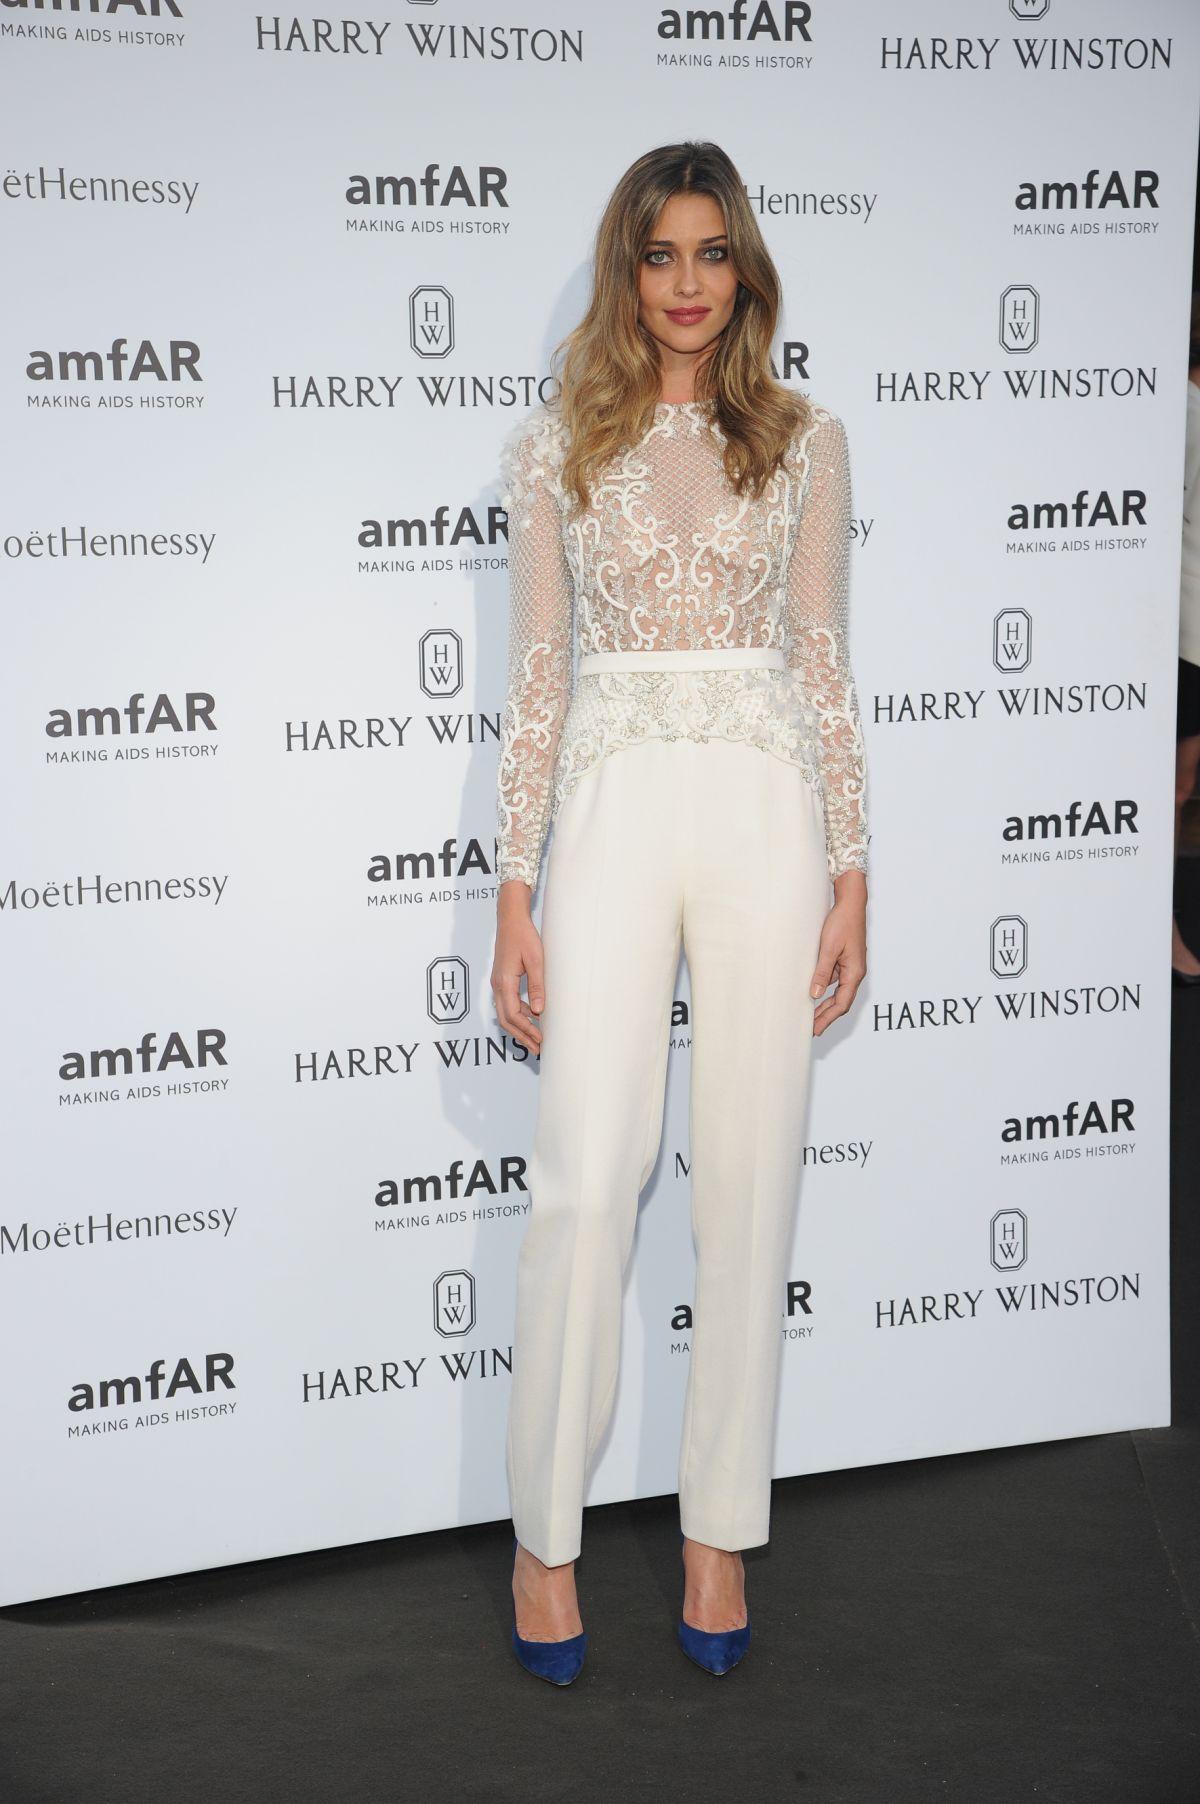 ANA BEATRIZ BARROS at Amfar Dinner at Paris Fashion Week